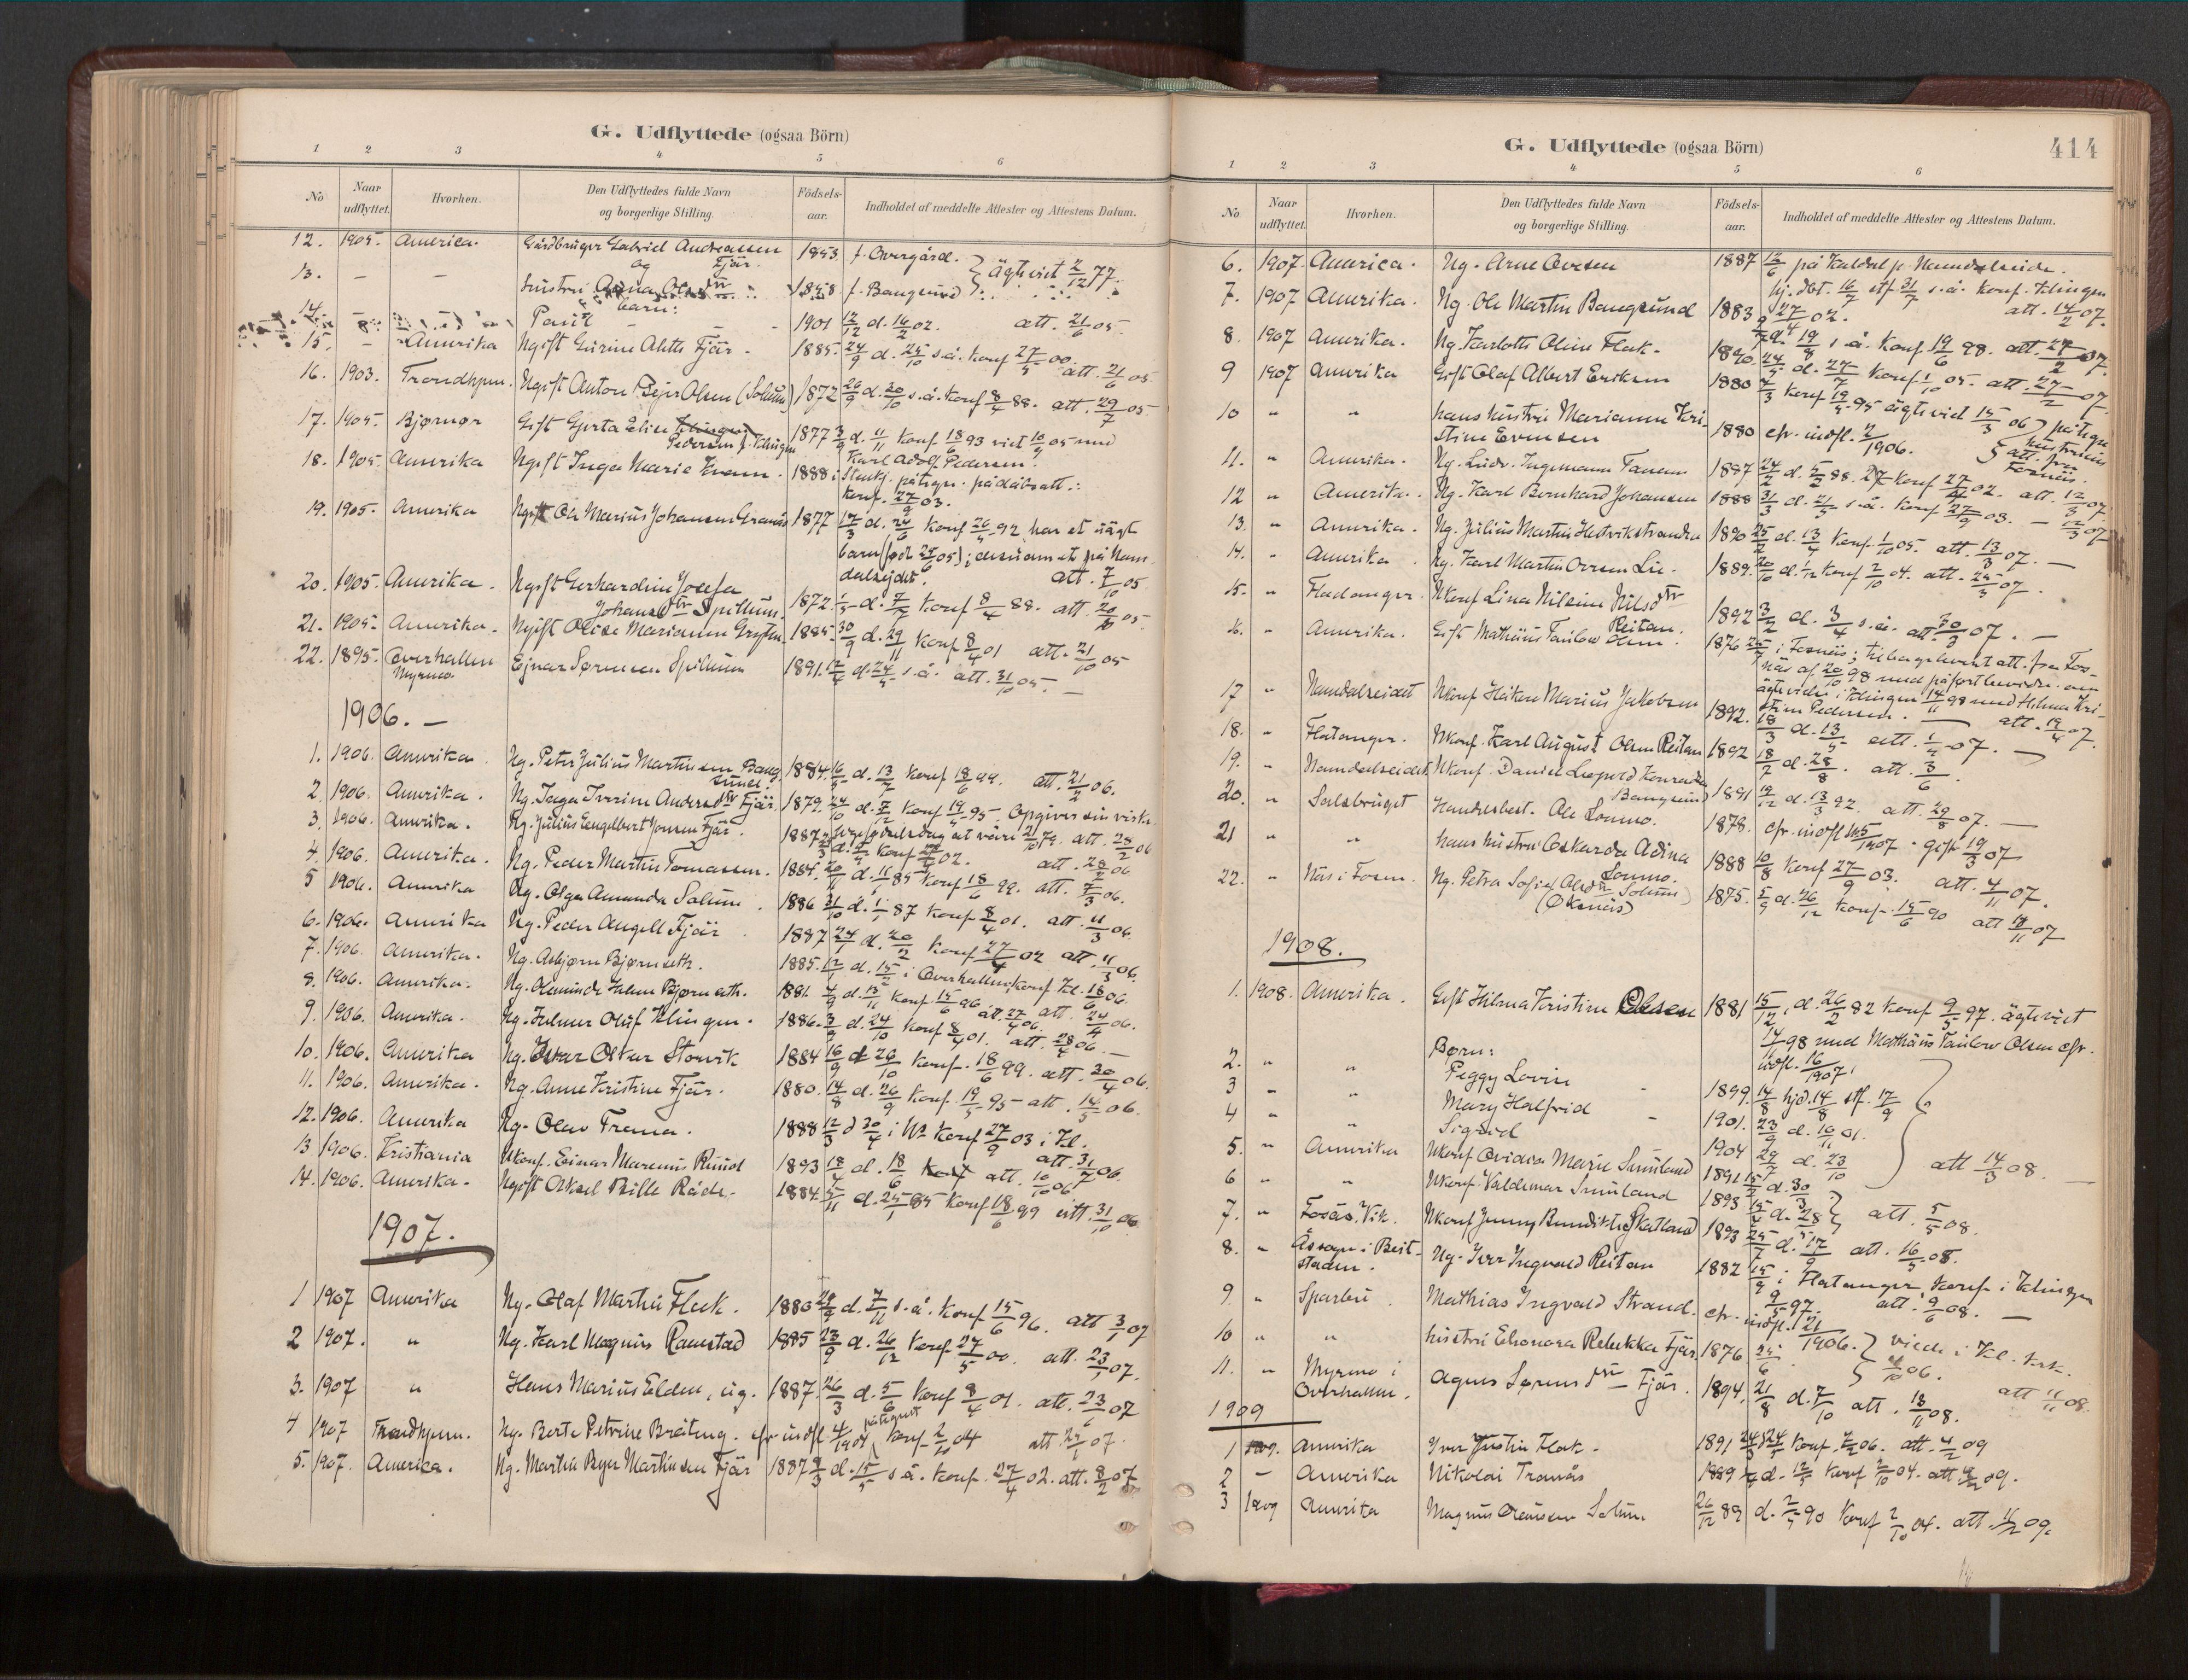 SAT, Ministerialprotokoller, klokkerbøker og fødselsregistre - Nord-Trøndelag, 770/L0589: Ministerialbok nr. 770A03, 1887-1929, s. 414